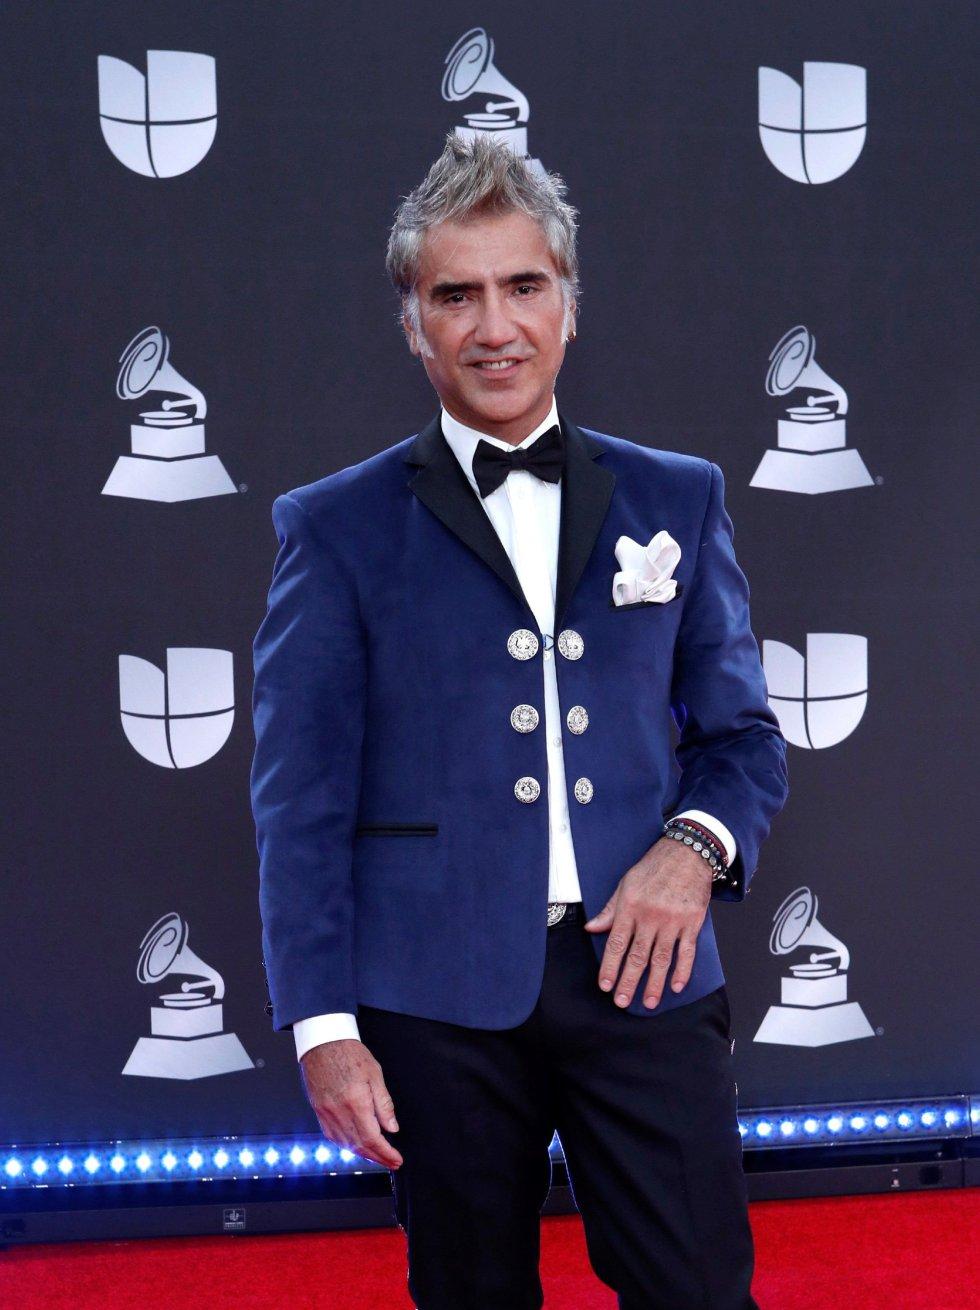 Alejandro Fernandez llega para la vigésima ceremonia anual de los Premios Grammy Latinos en el MGM Grand Garden Arena en Las Vegas, Nevada, EEUU.